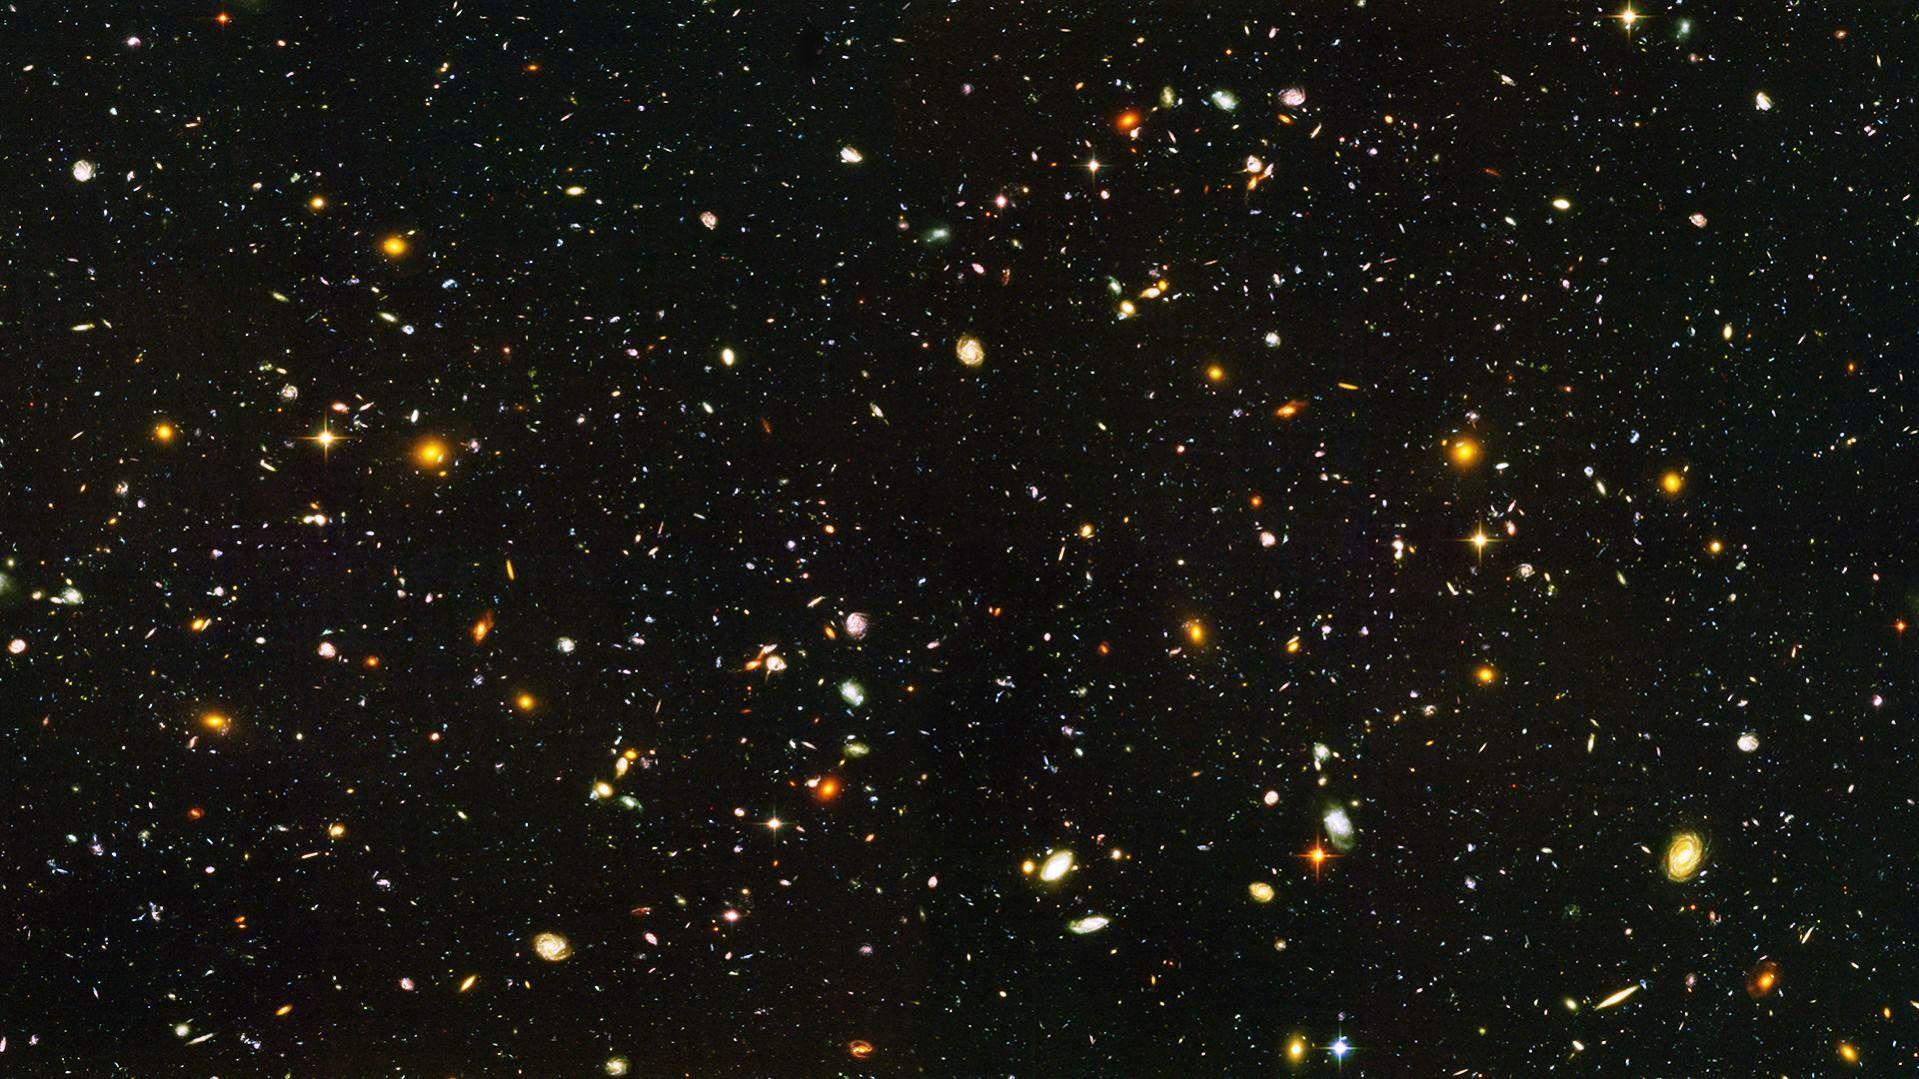 Преемник «Хаббла» - телескоп  «Джеймс Уэбб»: самая большая в мире космическая обсерватория?